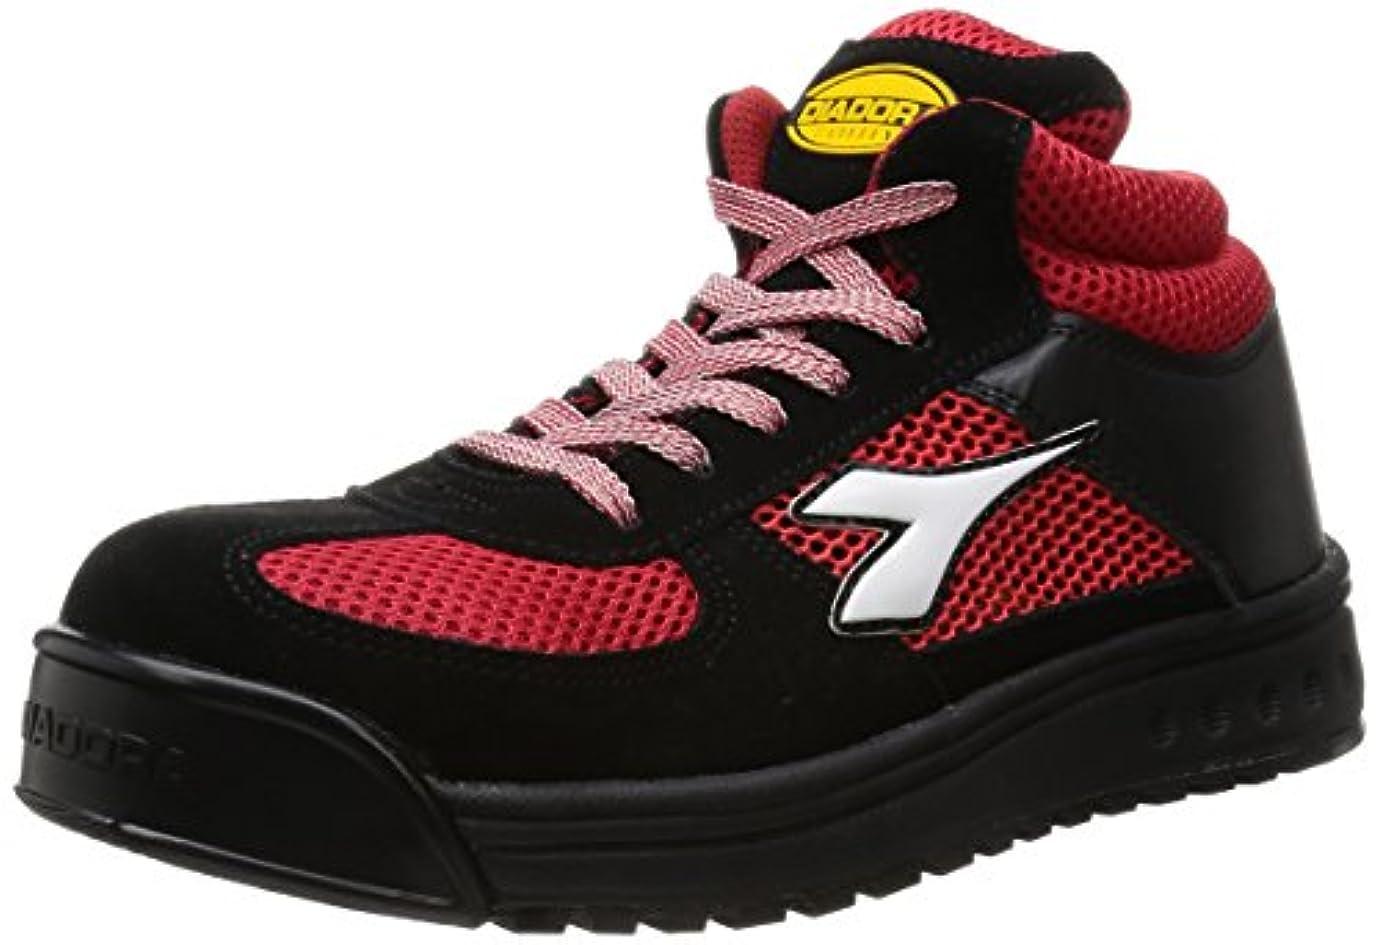 クラブ叱るラック[ディアドラユーティリティ] DIADORA UTILITY 作業靴 スニーカー イーグレット EG222